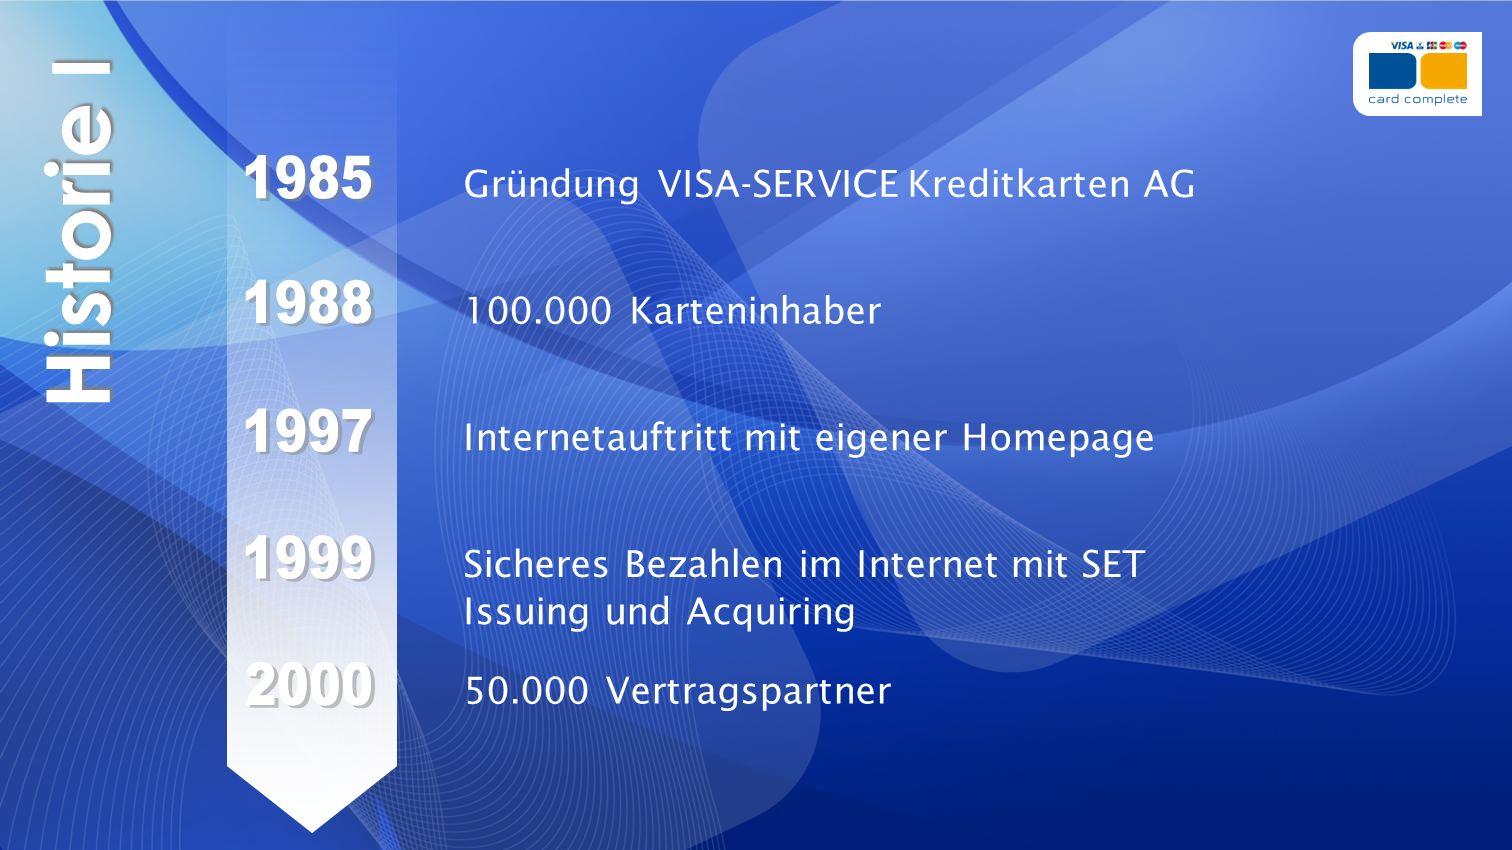 Historie I Gründung VISA-SERVICE Kreditkarten AG 100.000 Karteninhaber Internetauftritt mit eigener Homepage Sicheres Bezahlen im Internet mit SET 50.